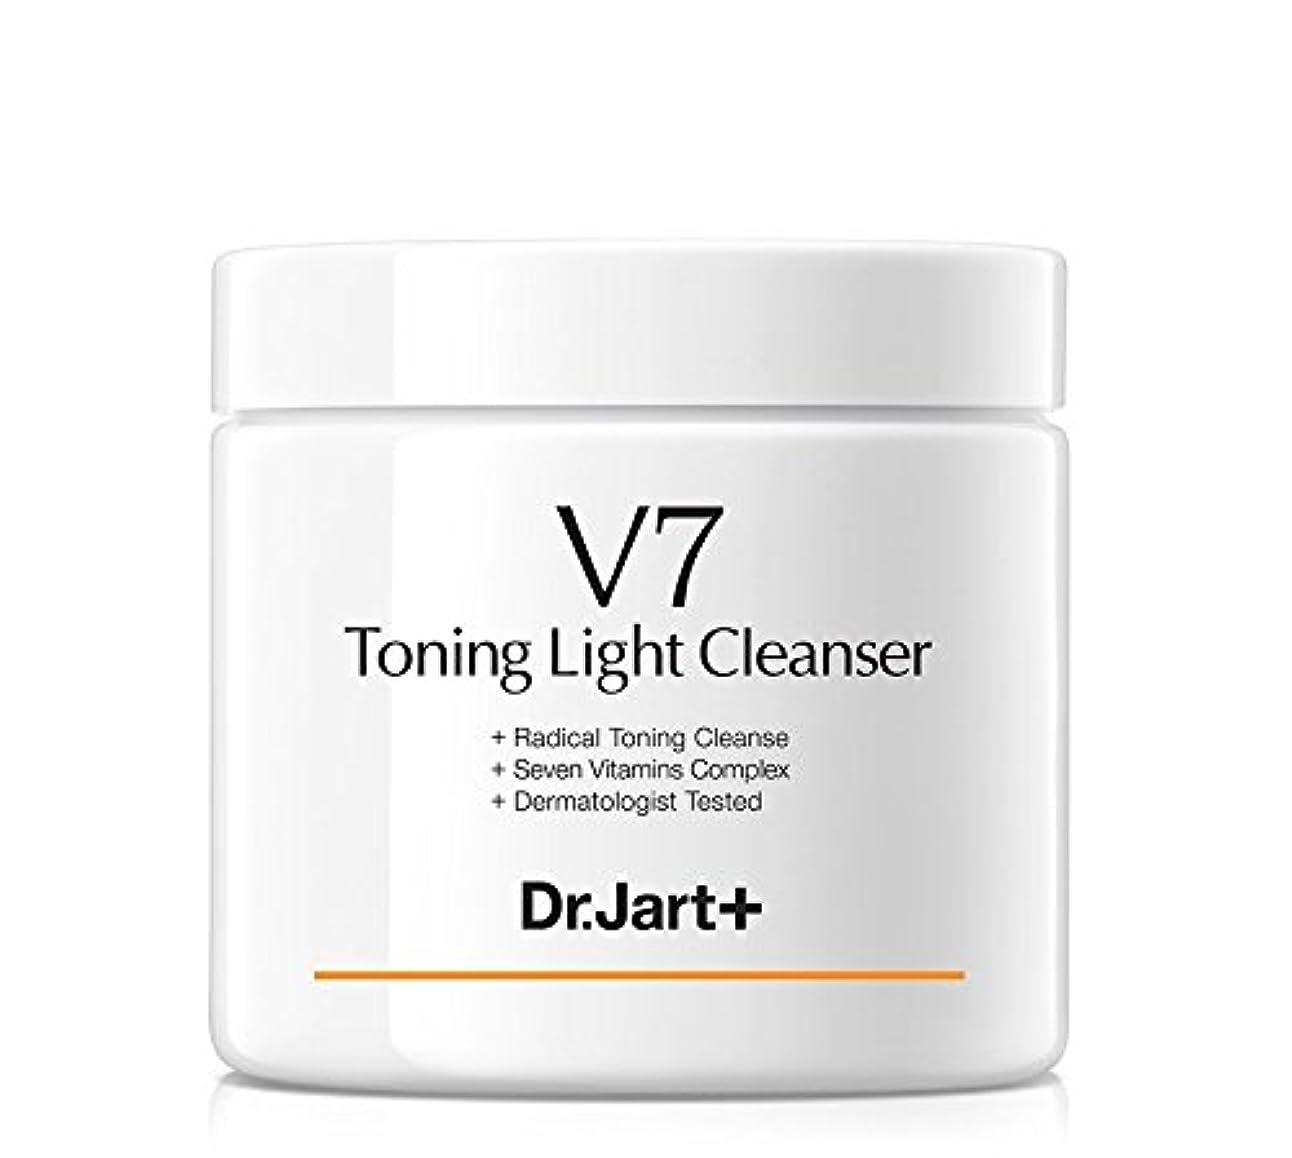 冷凍庫ペグ言い聞かせるDr.Jart+ V7 Toning Light Cleanser 100ml/ドクタージャルト V7 トーニング ライト クレンザー 100ml [並行輸入品]